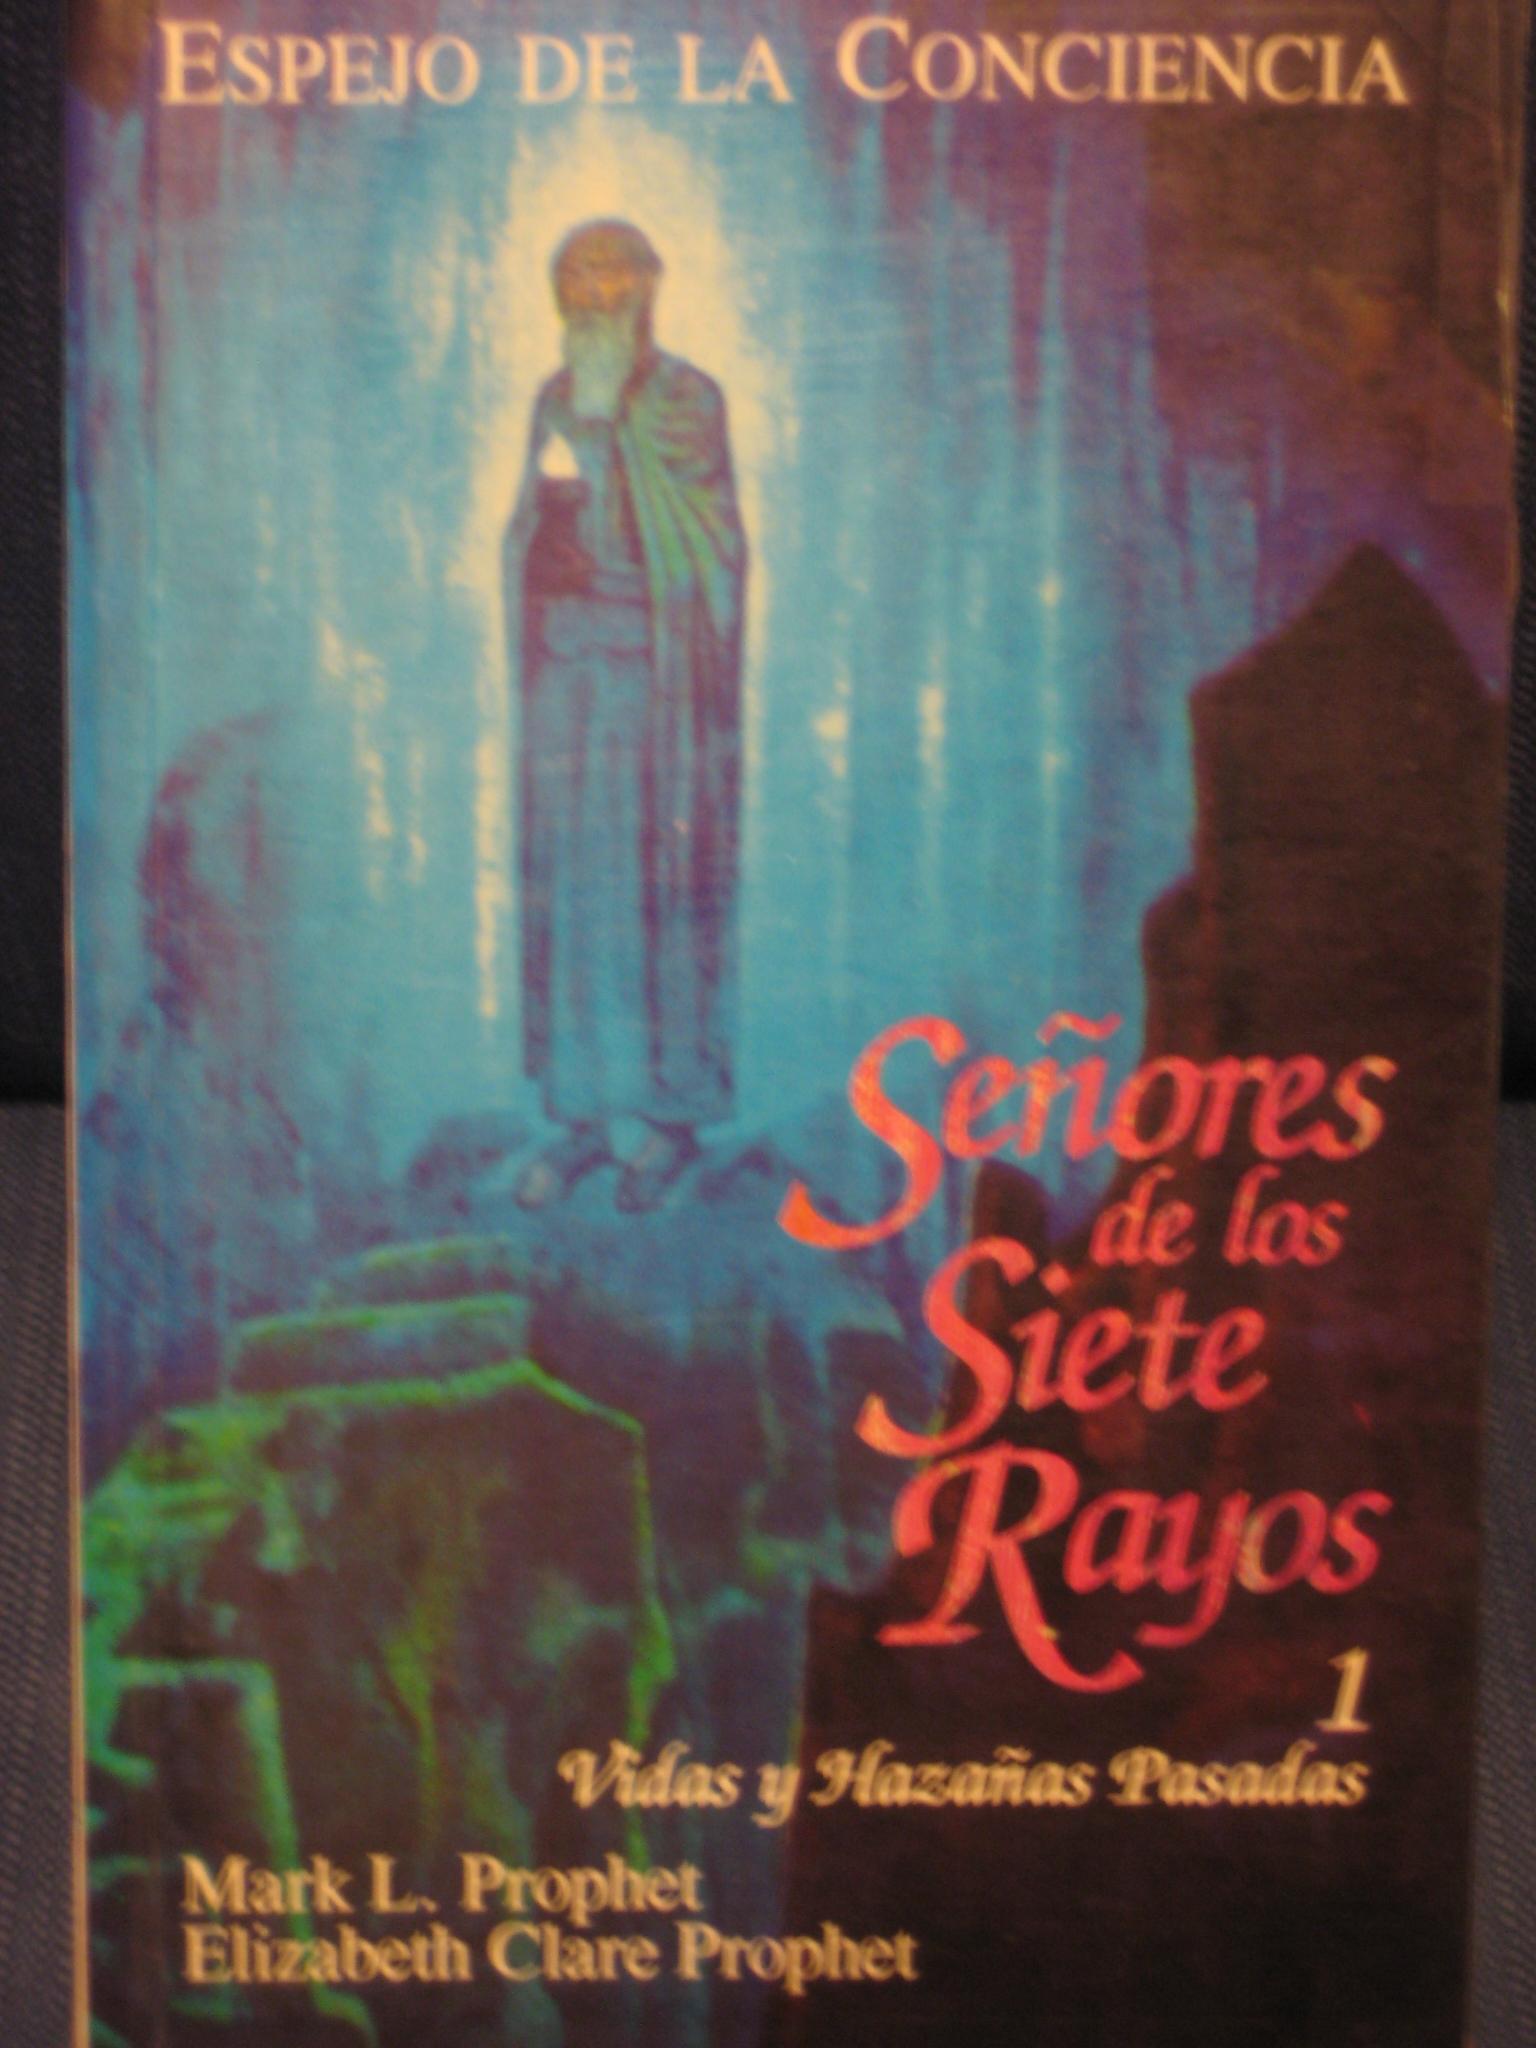 Señores de los siete rayos